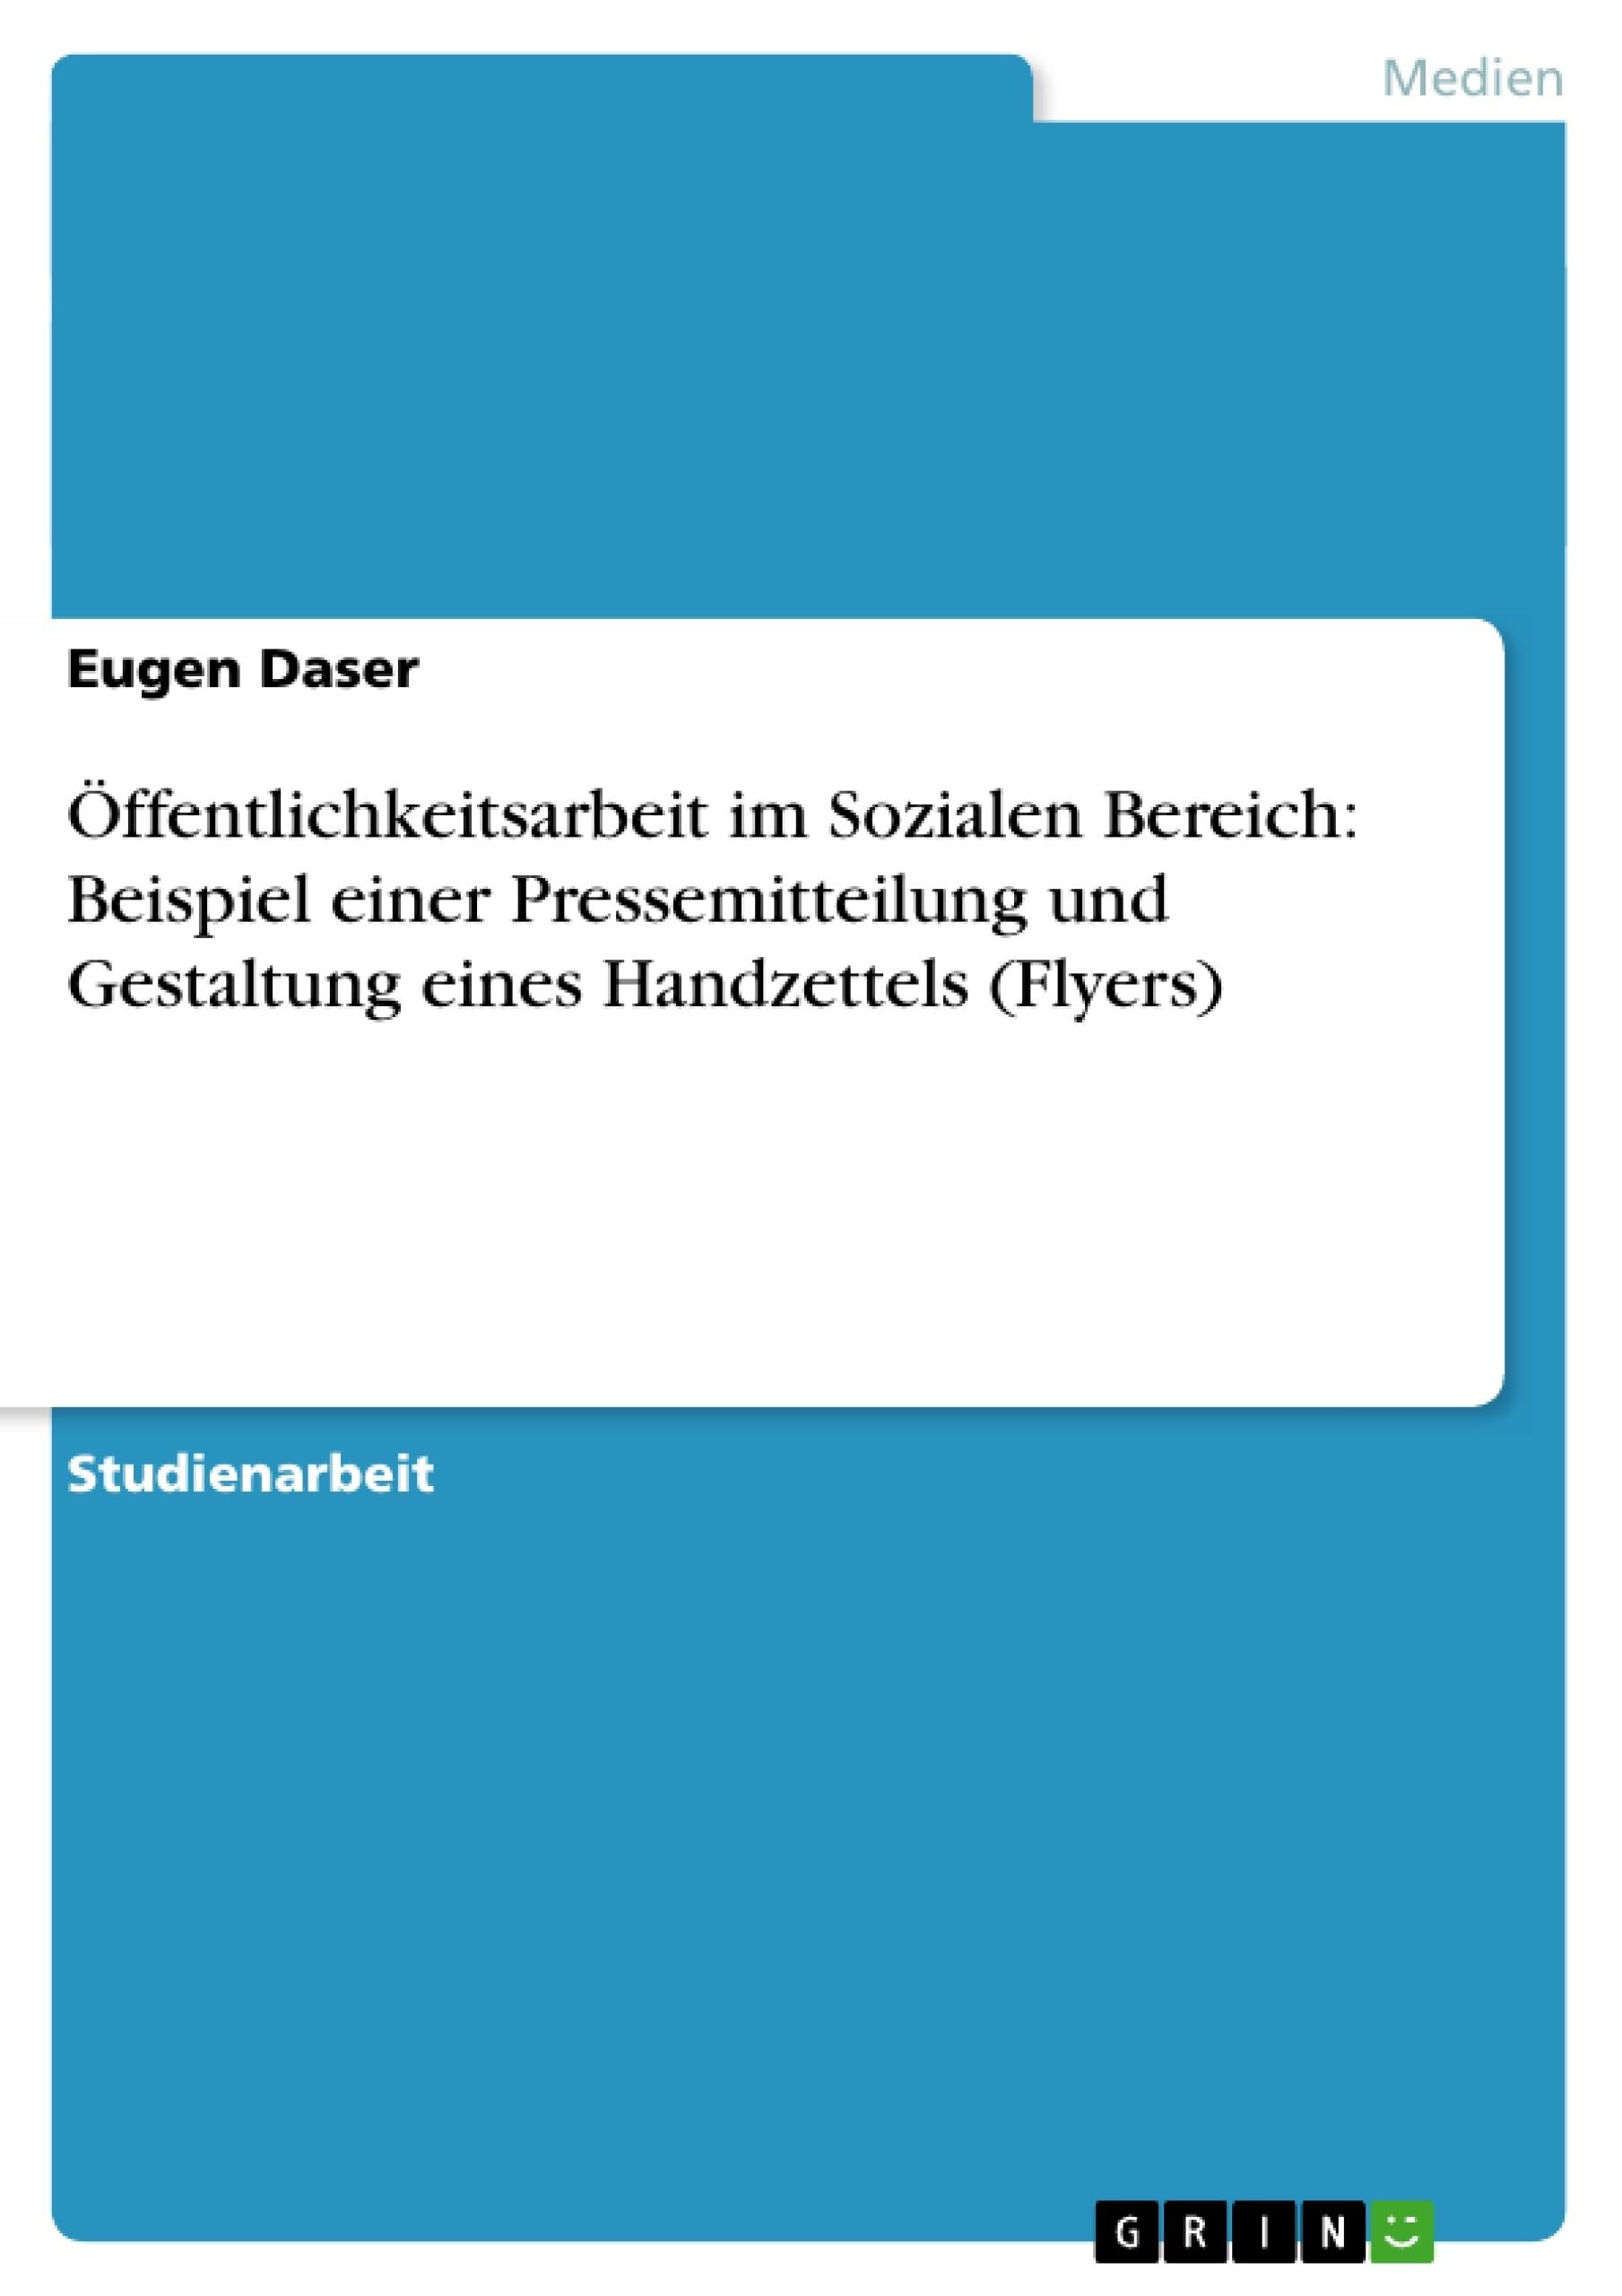 Titel: Öffentlichkeitsarbeit im Sozialen Bereich: Beispiel einer Pressemitteilung und Gestaltung eines Handzettels (Flyers)